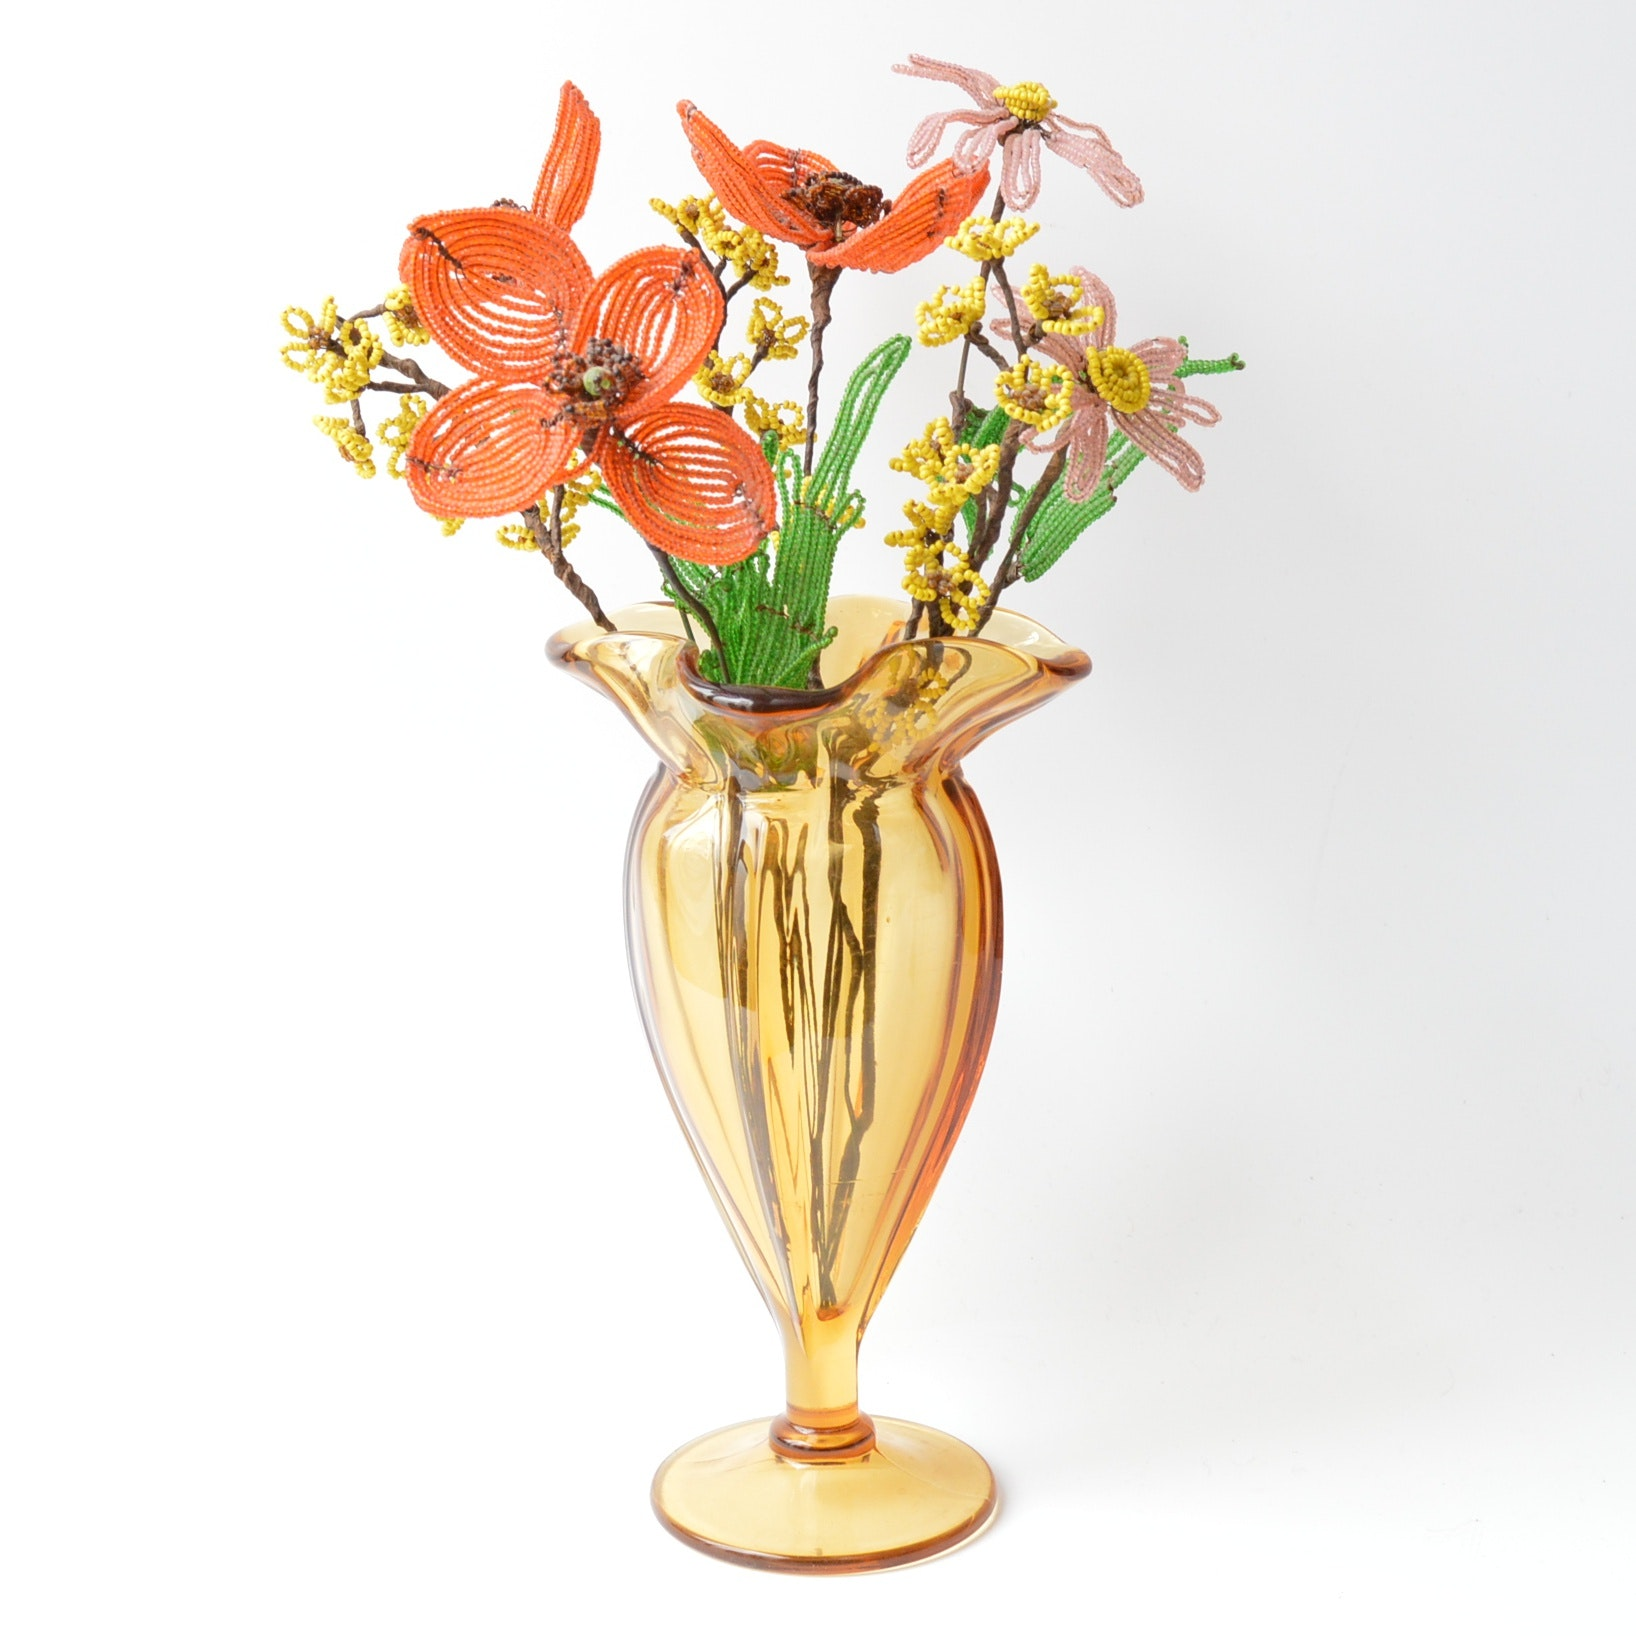 Vintage Gold Glass Vase with Beaded Flower Arrangement